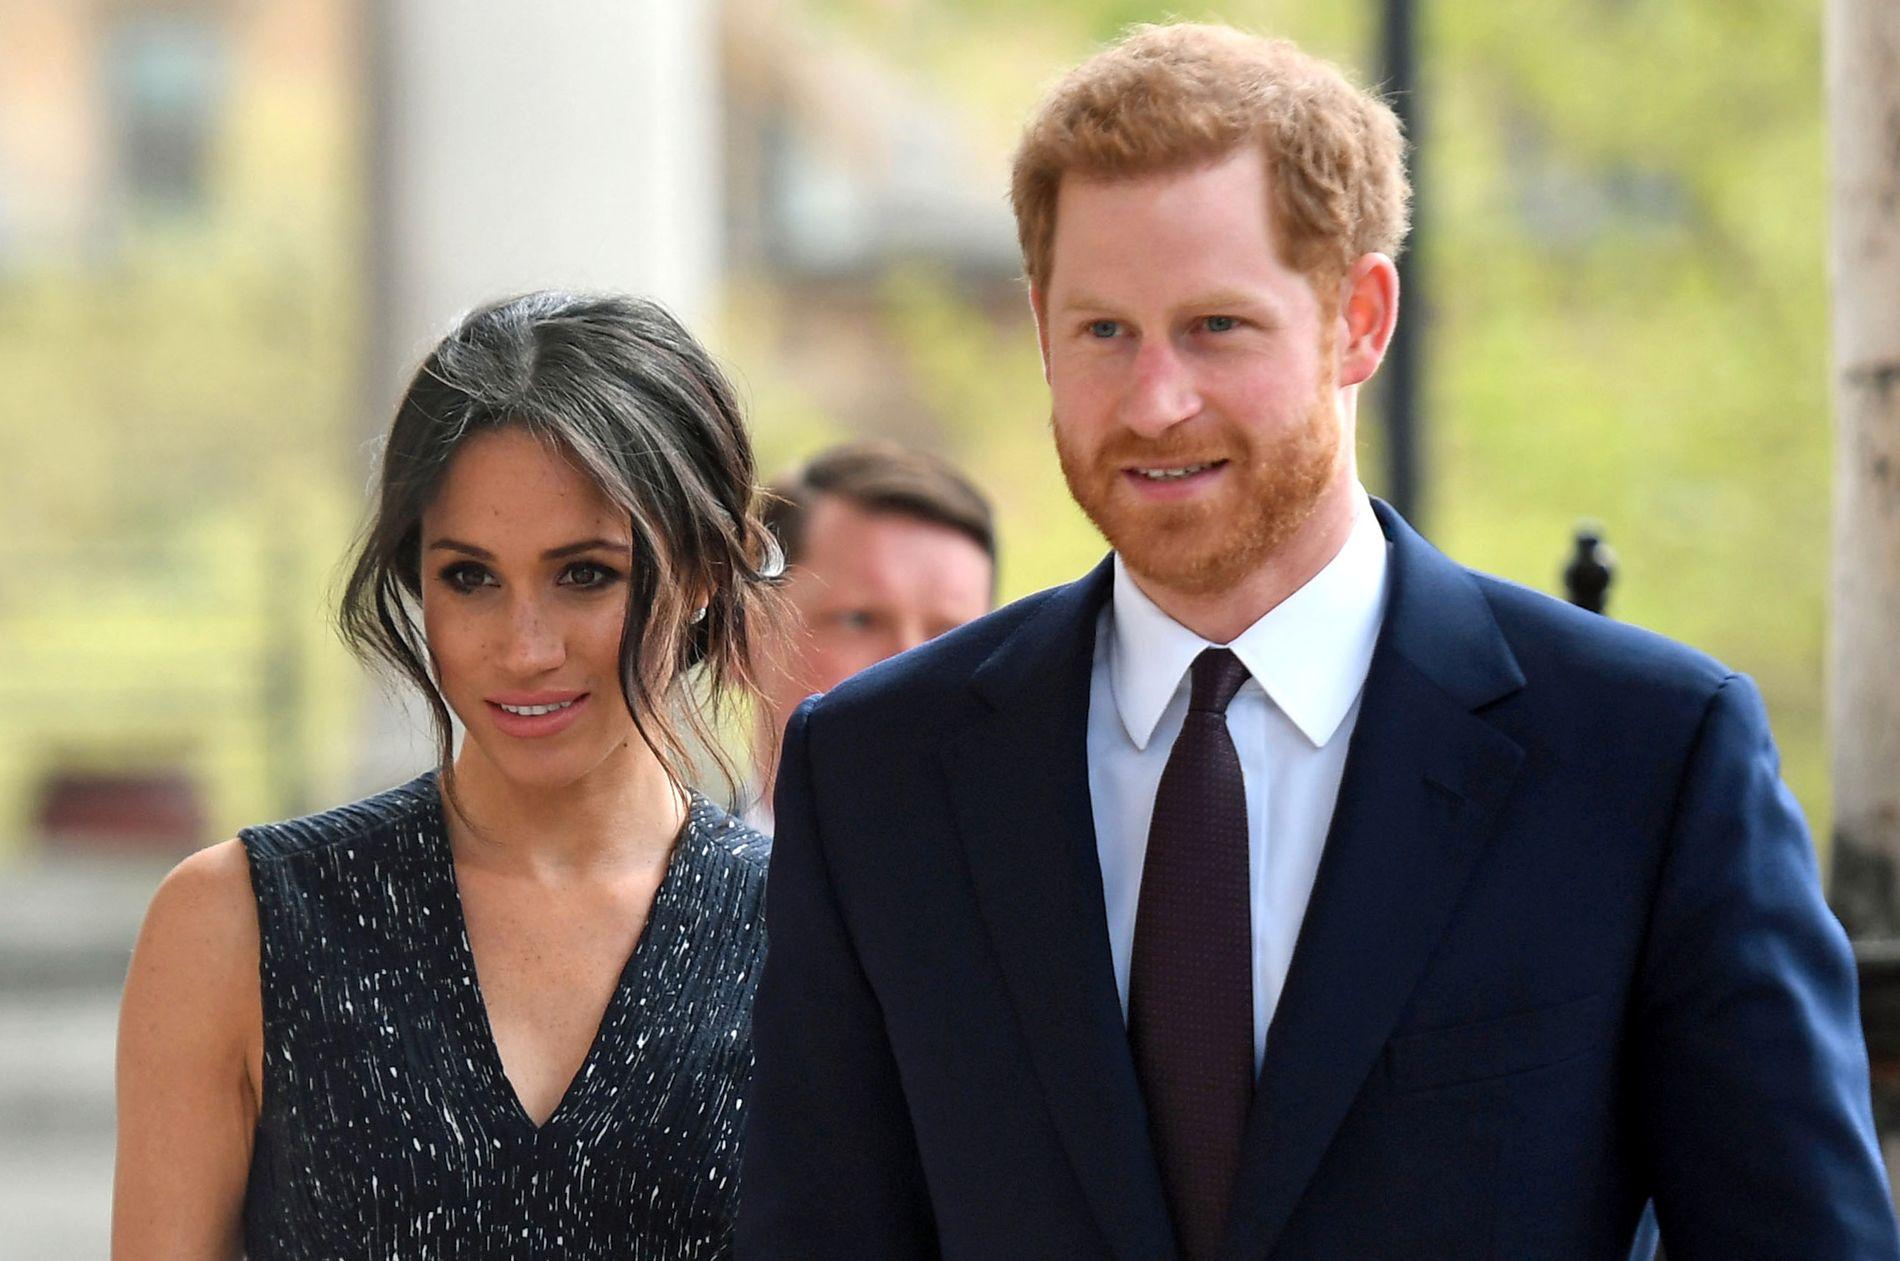 KONGELIG BRYLLUP: Skuespiller Meghan Markle og prins Harry skal gifte seg på lørdag.